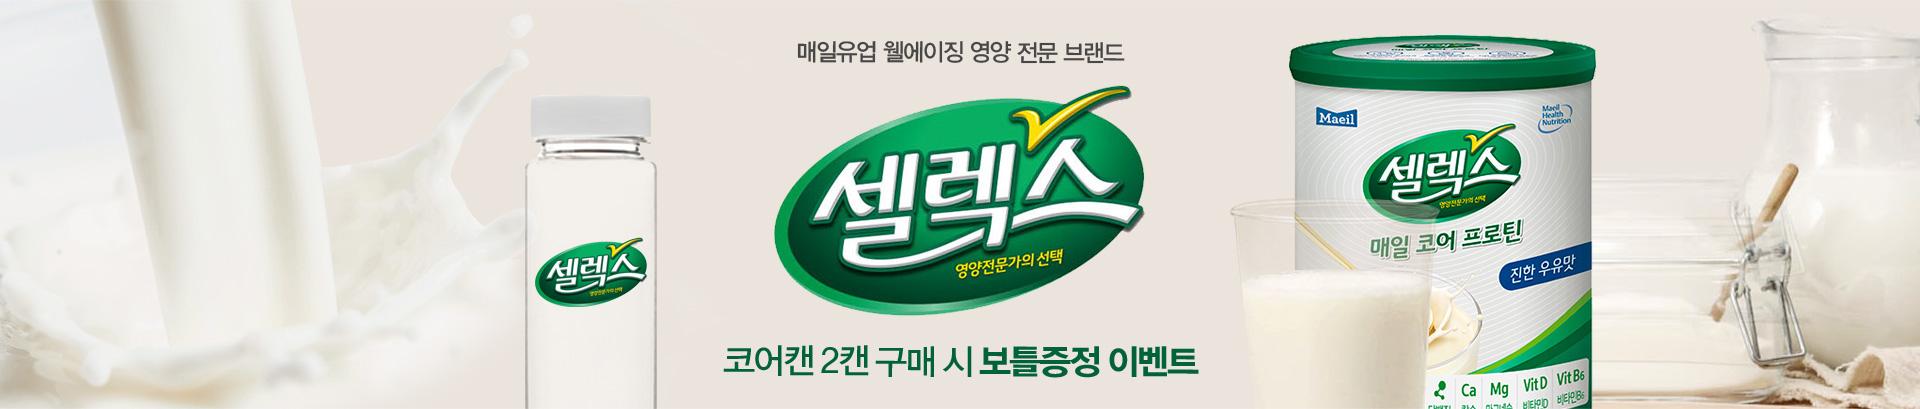 매일유업 웰에이징 영양 전문 브랜드 셀렉스 코어캔 2캔 구매 시 보틀증정 이벤트